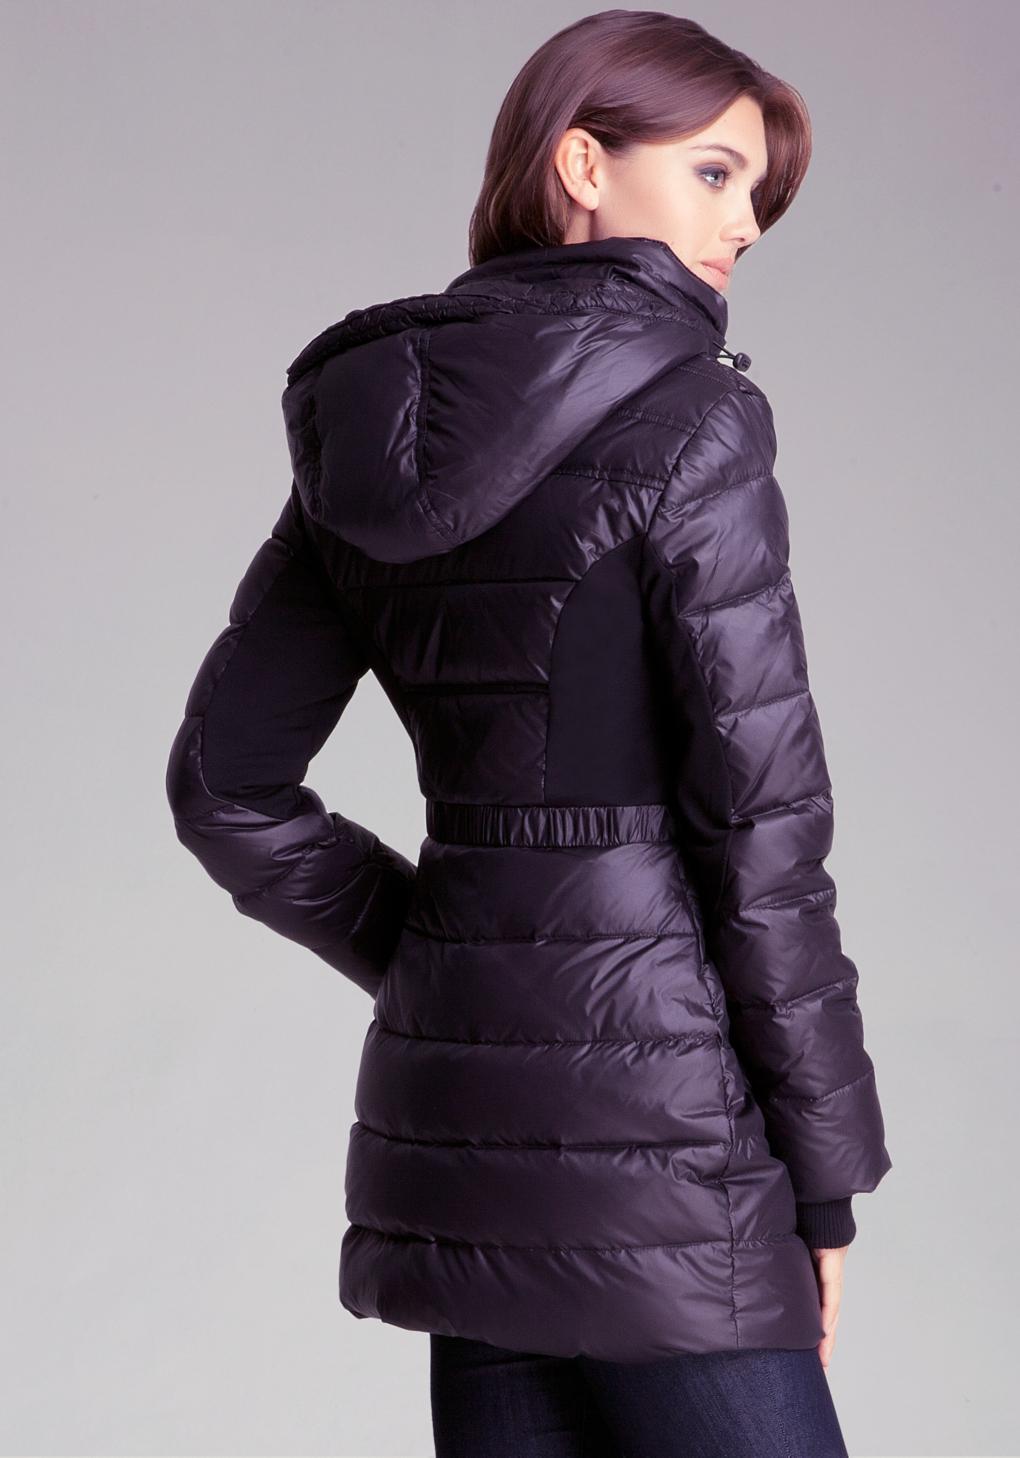 Bebe Fit Flare Puffer Jacket In Purple Lyst